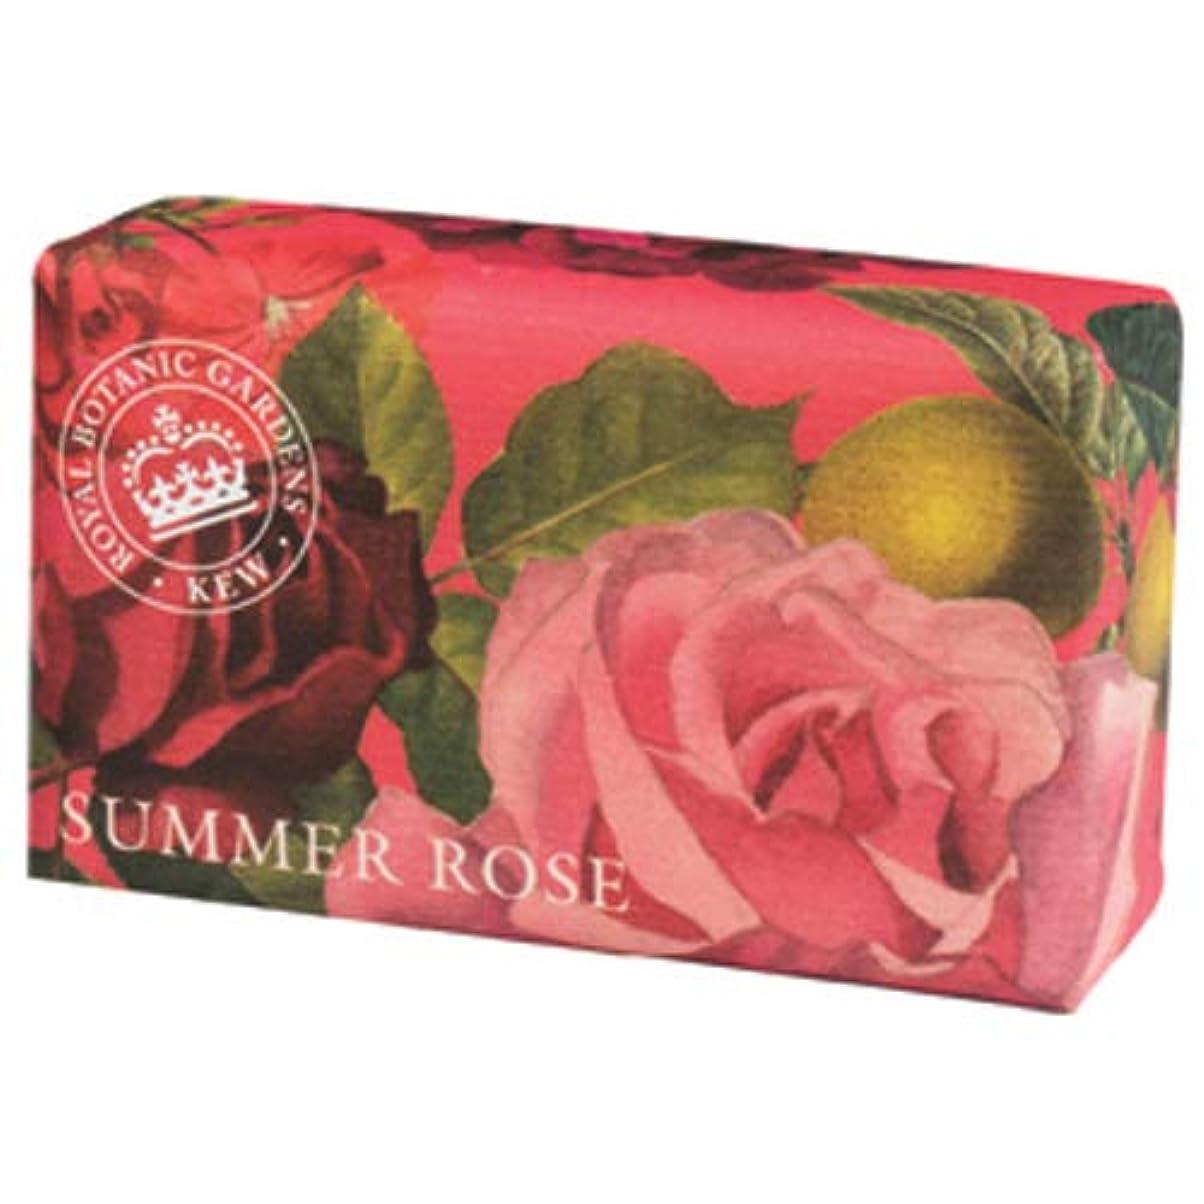 取り消すふりをする持参English Soap Company イングリッシュソープカンパニー KEW GARDEN キュー?ガーデン Luxury Shea Soaps シアソープ Summer Rose サマーローズ